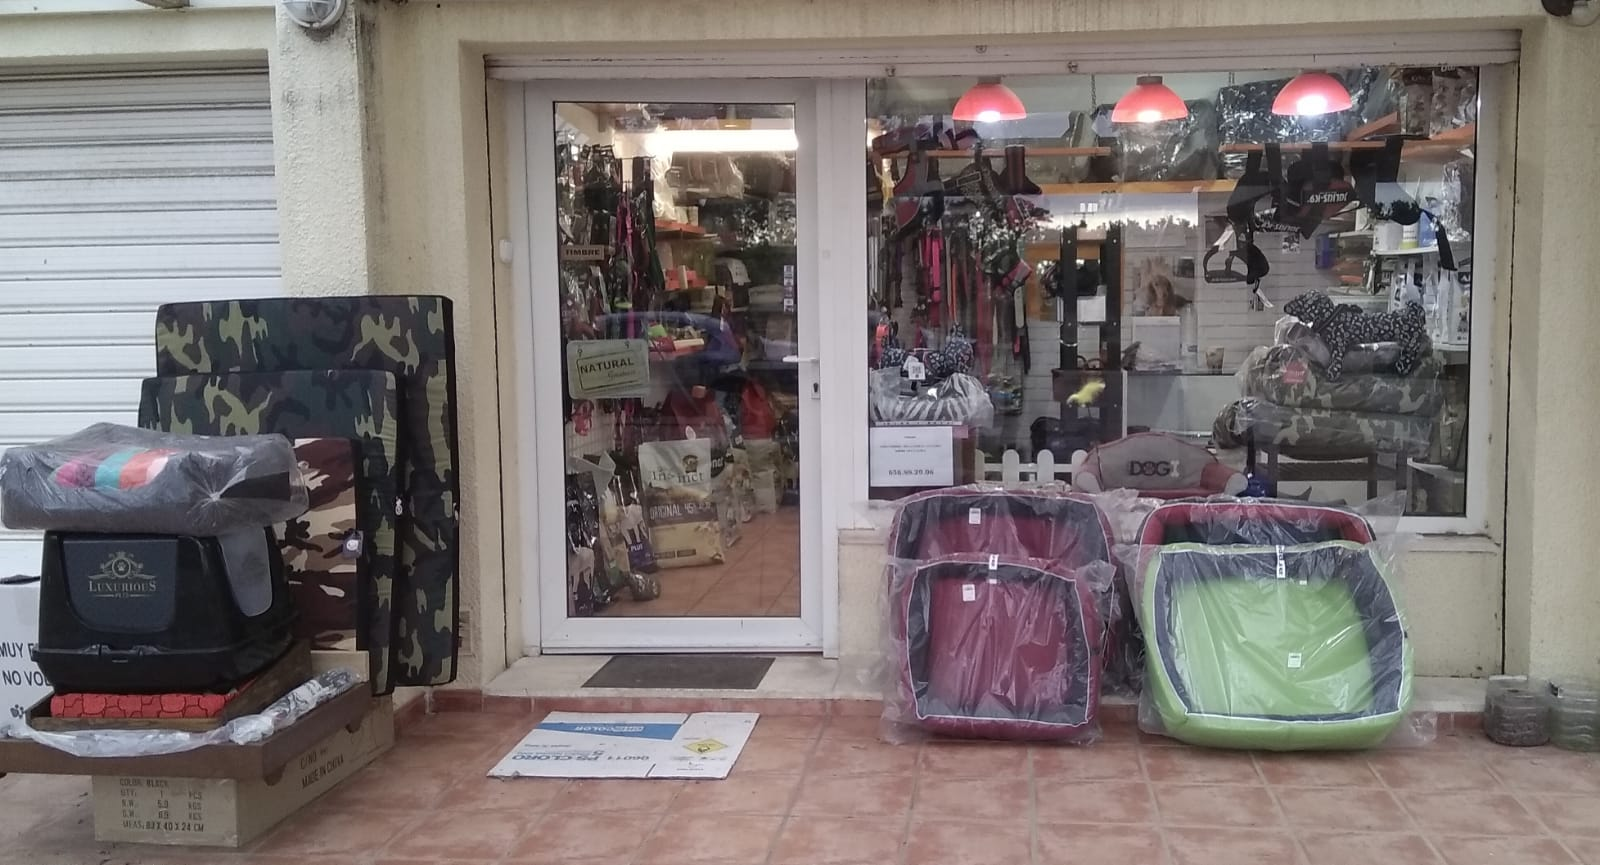 Swap Natural Greatness Ownat Mascotas Reva, nuestra tienda en Urbanización Reva (Ribarroja)